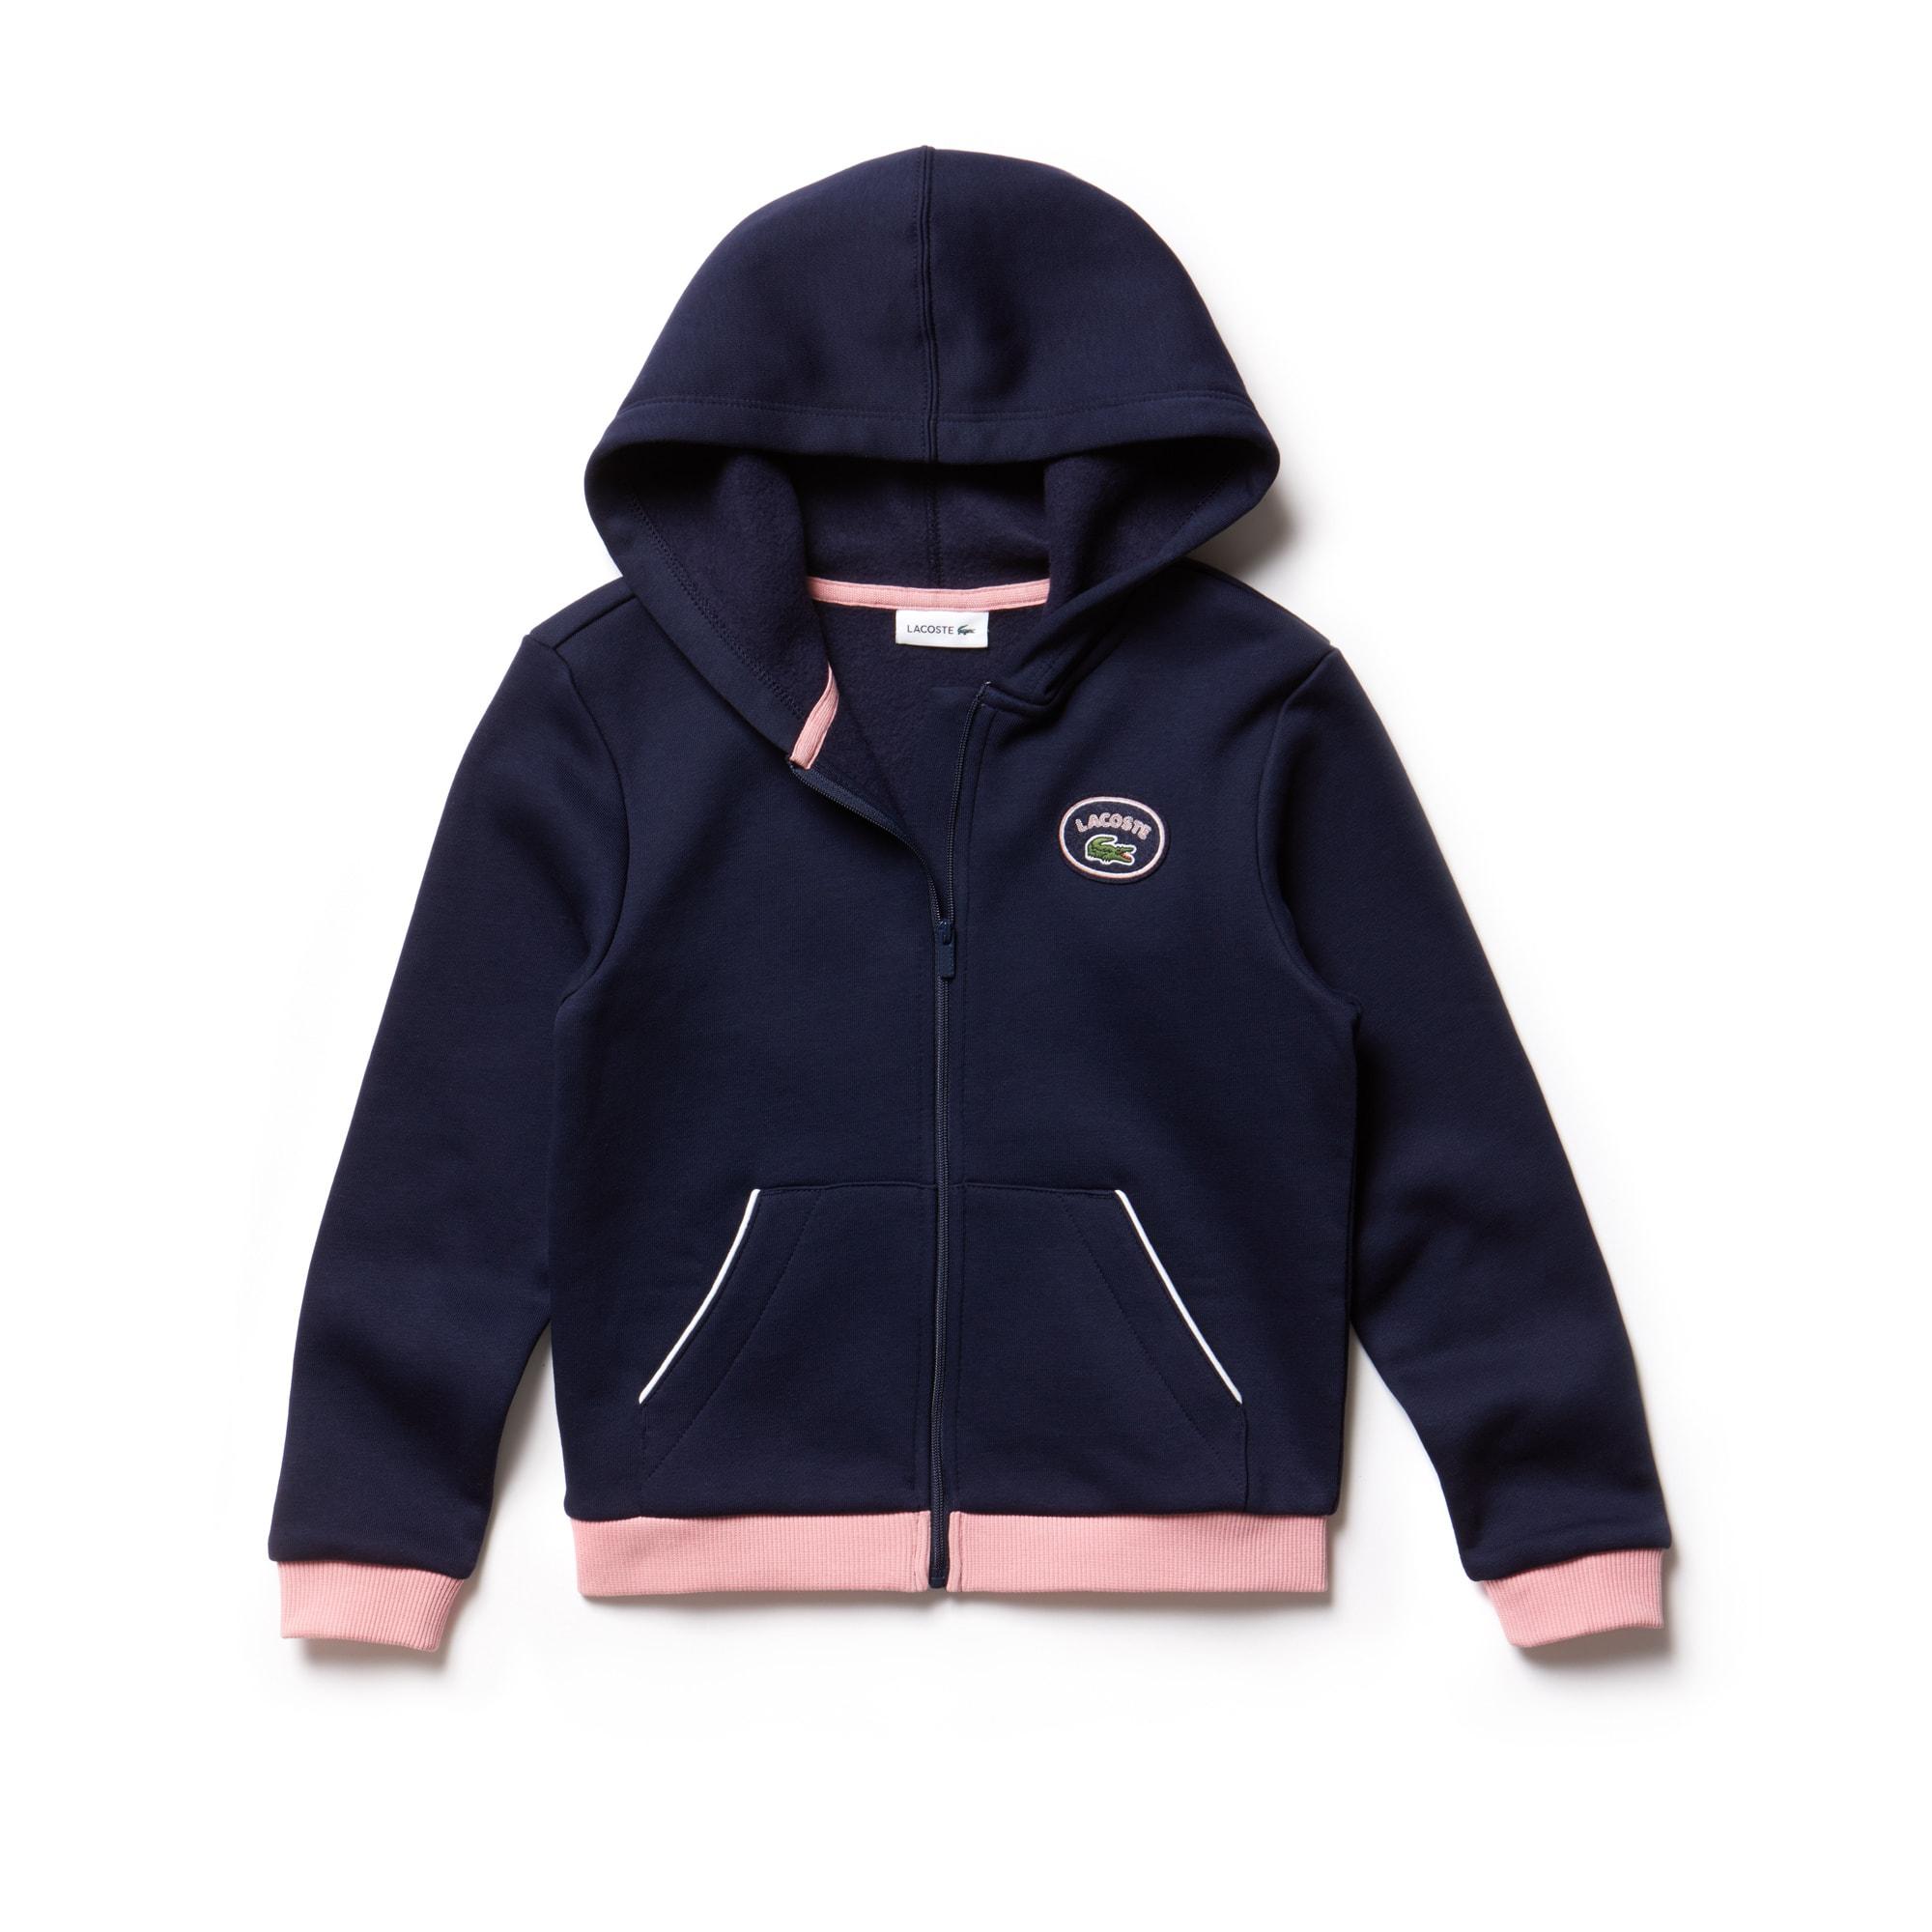 Mädchen-Sweatshirt aus Fleece mit Kontrast-Akzenten und Kapuze